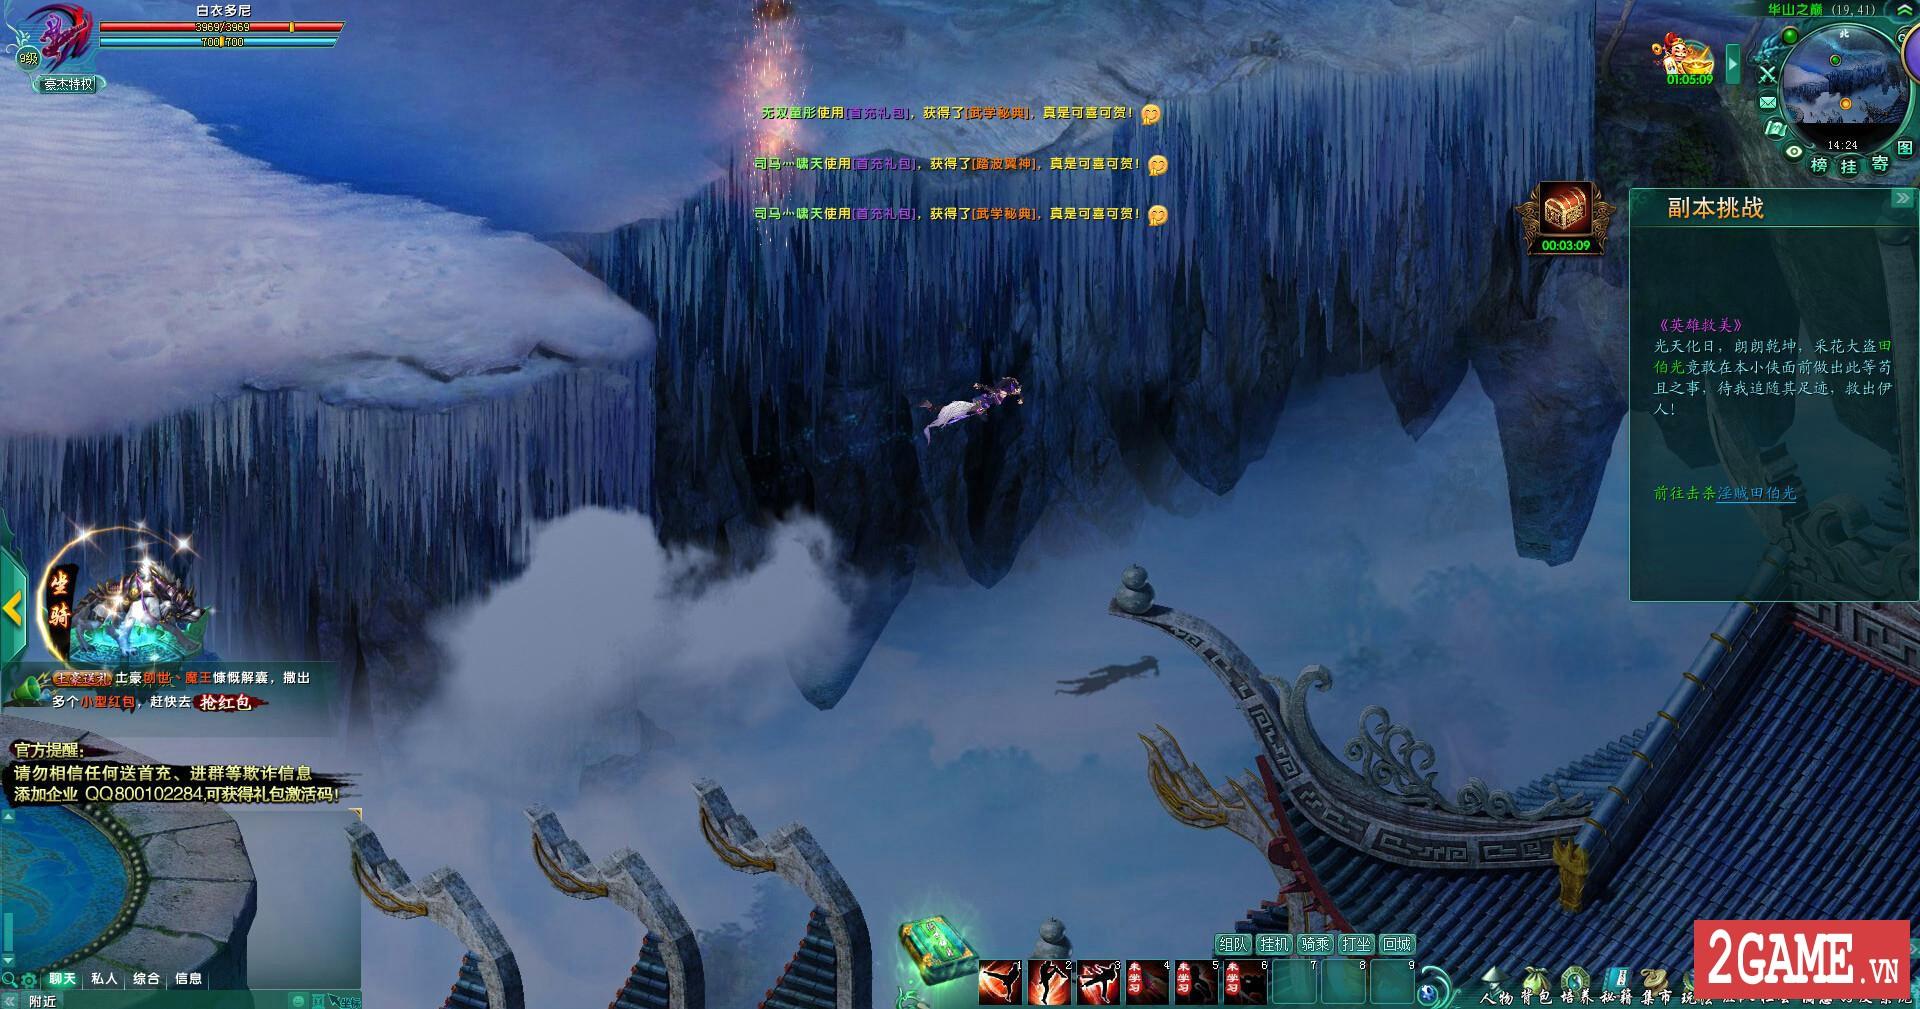 Tuyệt Thế Bí Tịch – Truy tìm bí tịch đệ nhất võ công với gameplay nhập vai truyền thống 4